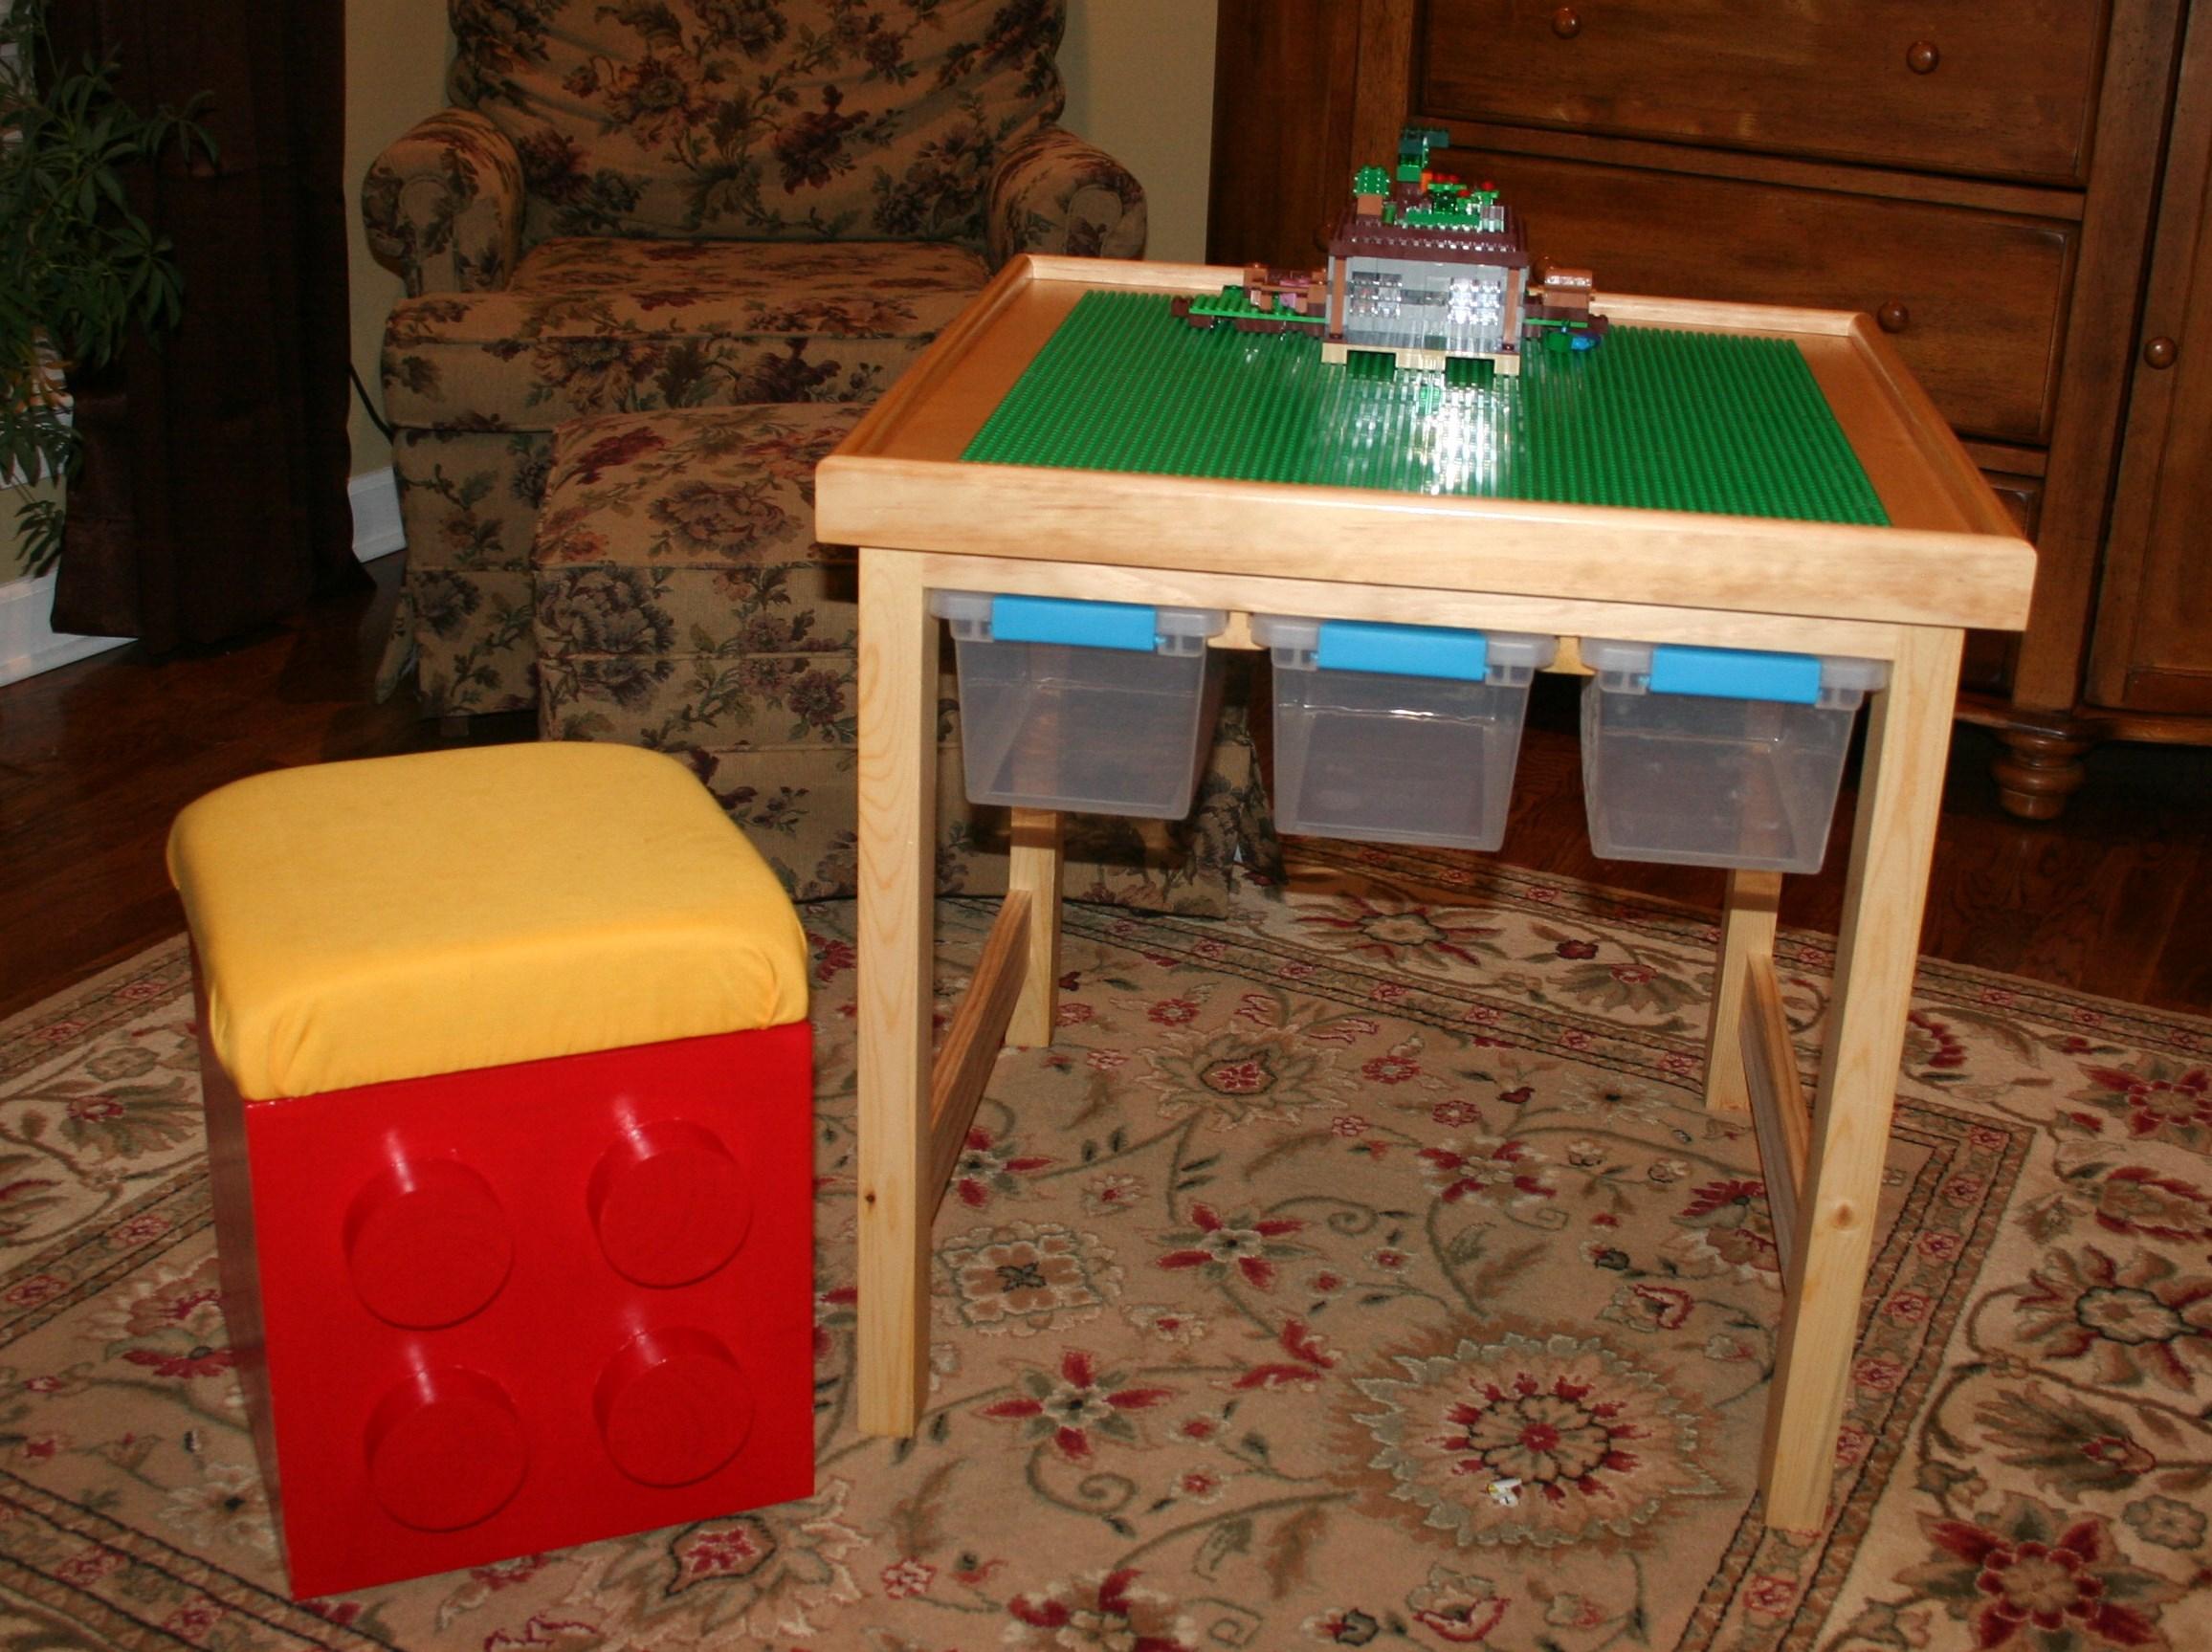 Lego Table Stool Ana White